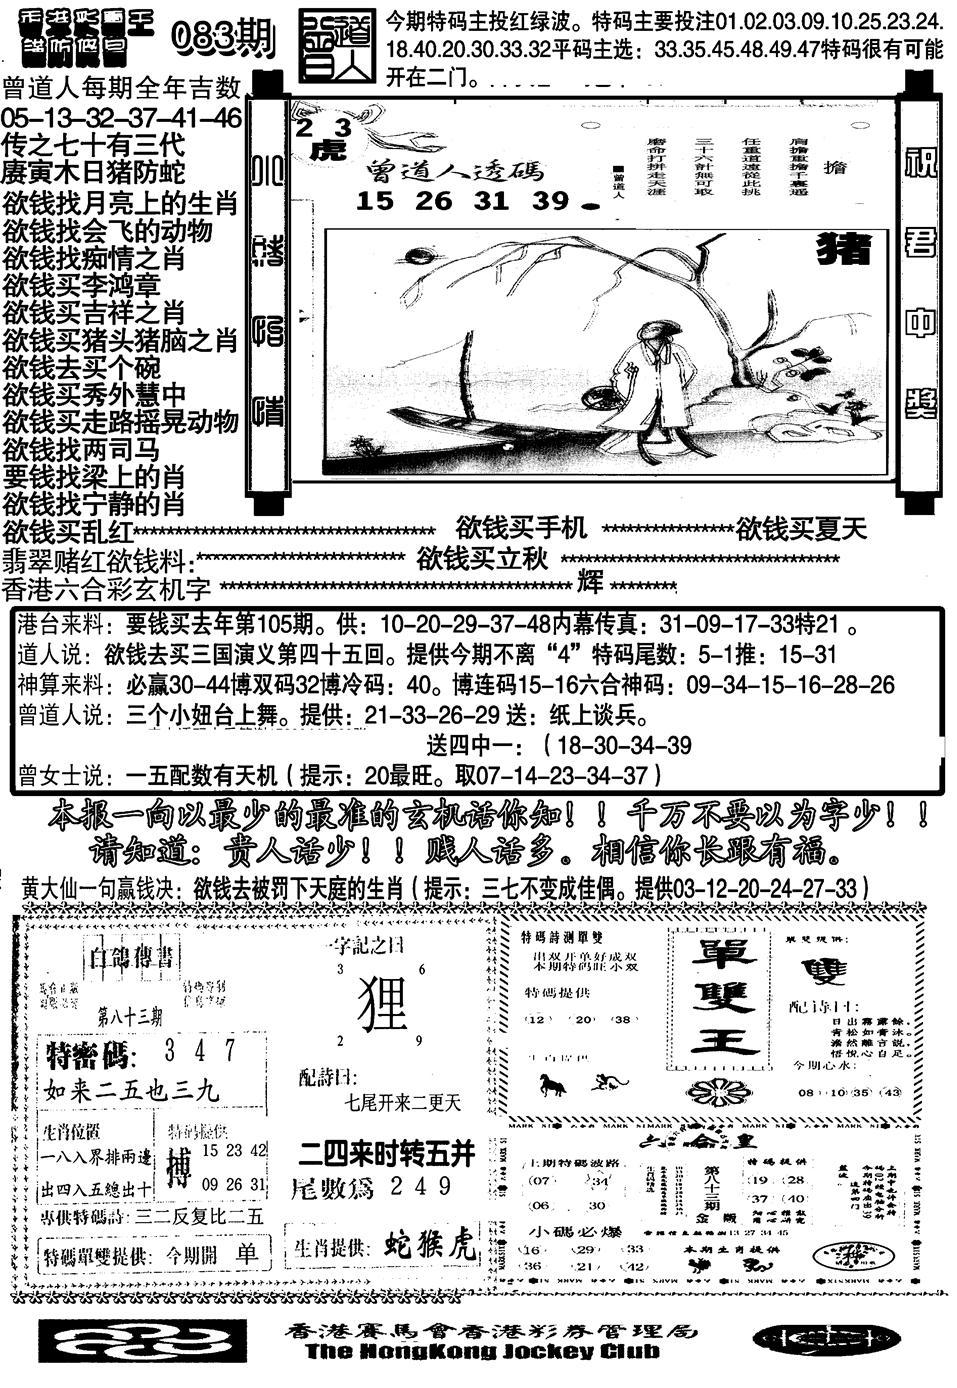 083期大刀彩霸王B(黑白)